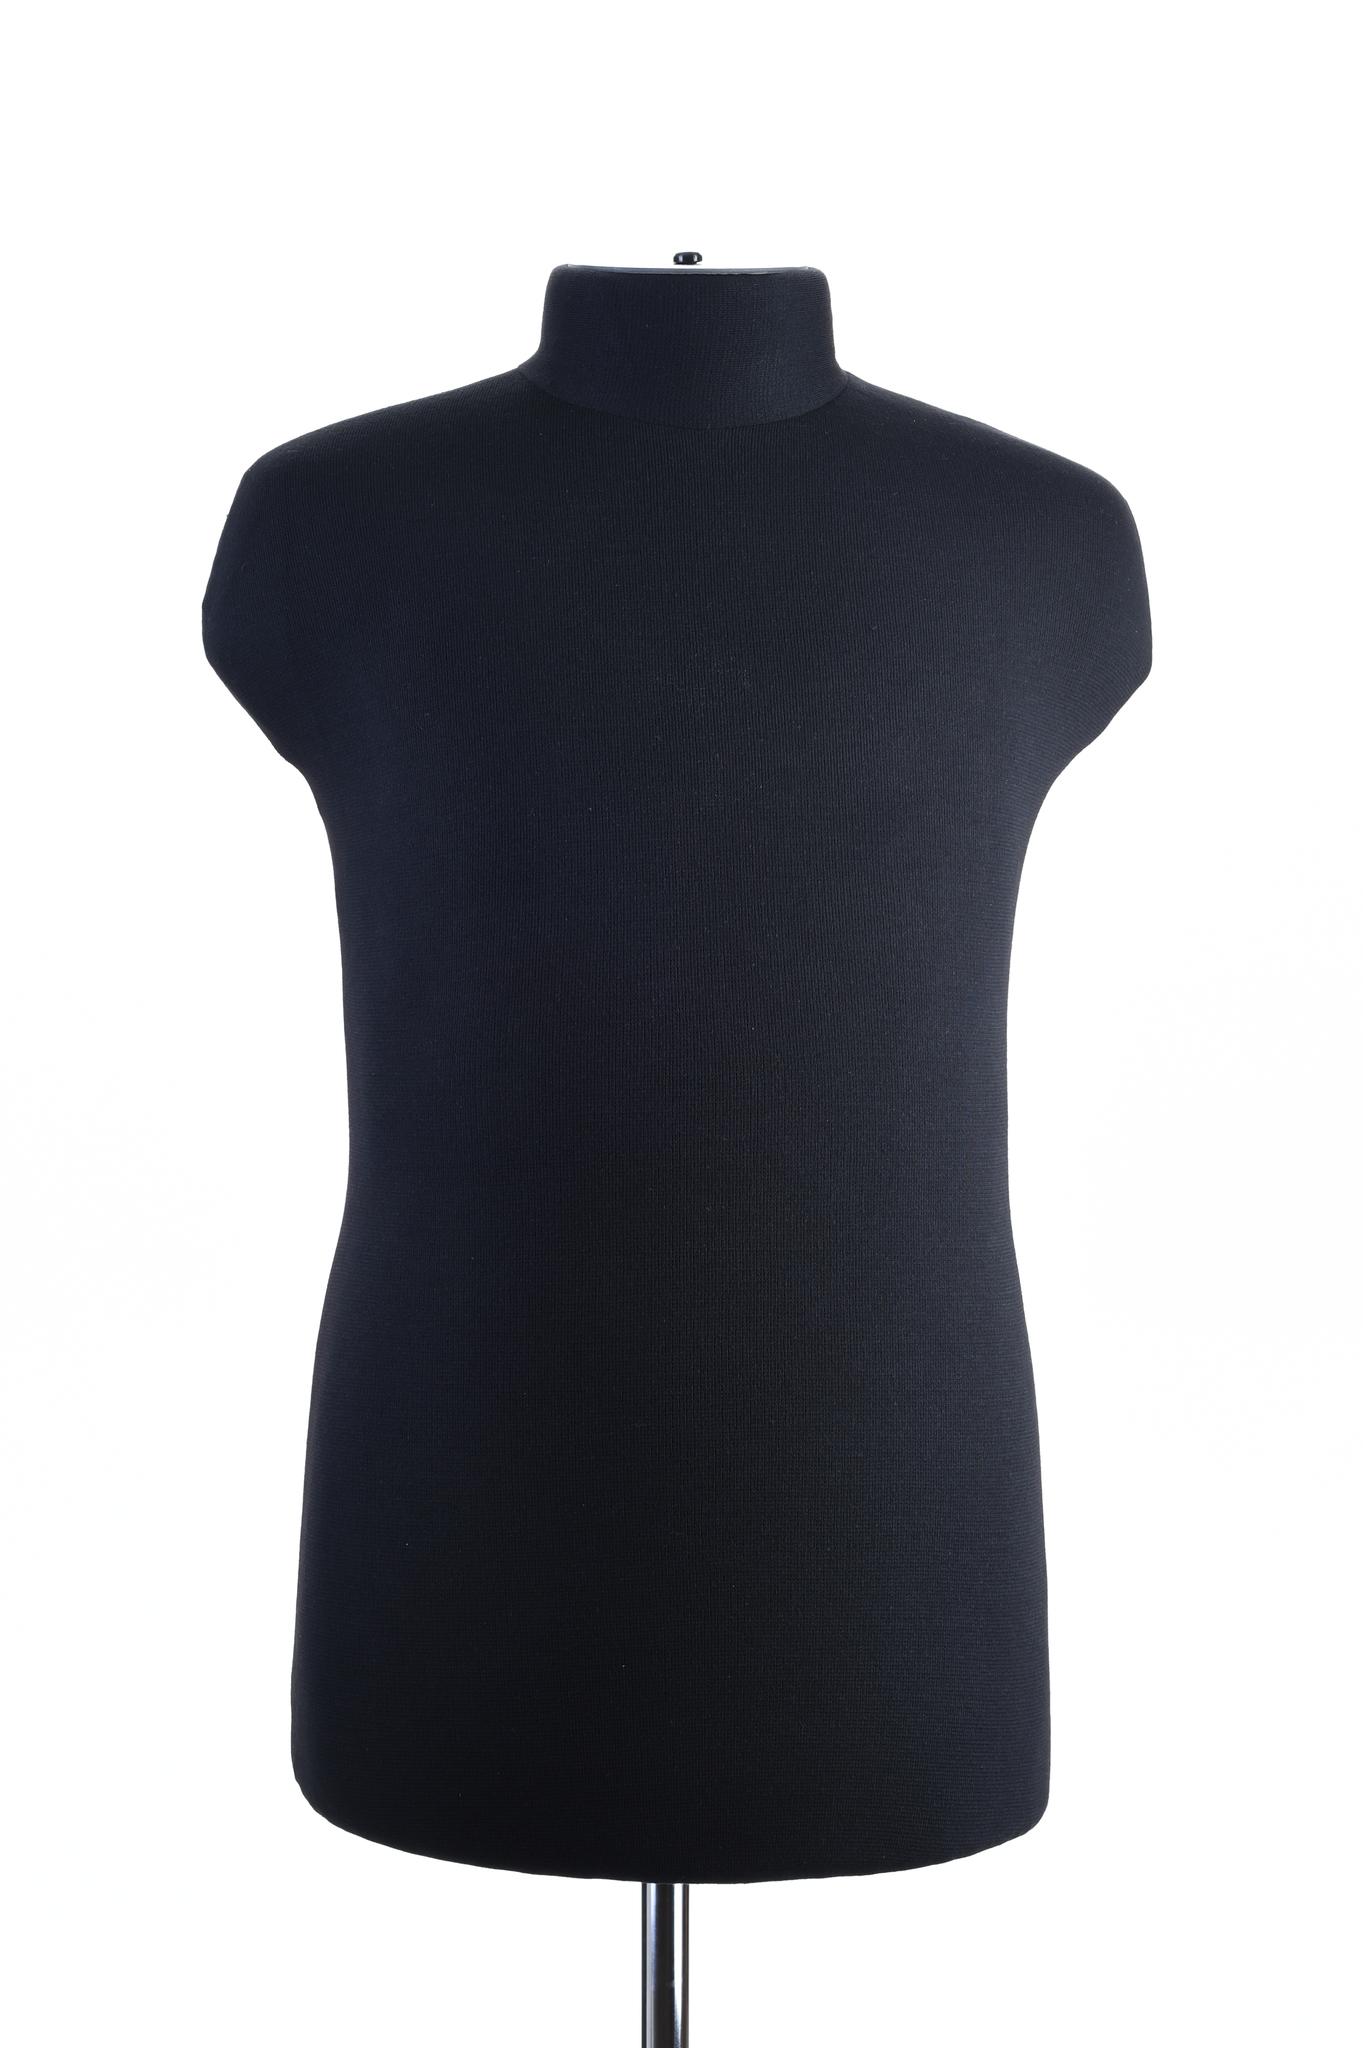 Мягкий манекен мужской 52 размер (черный цвет)